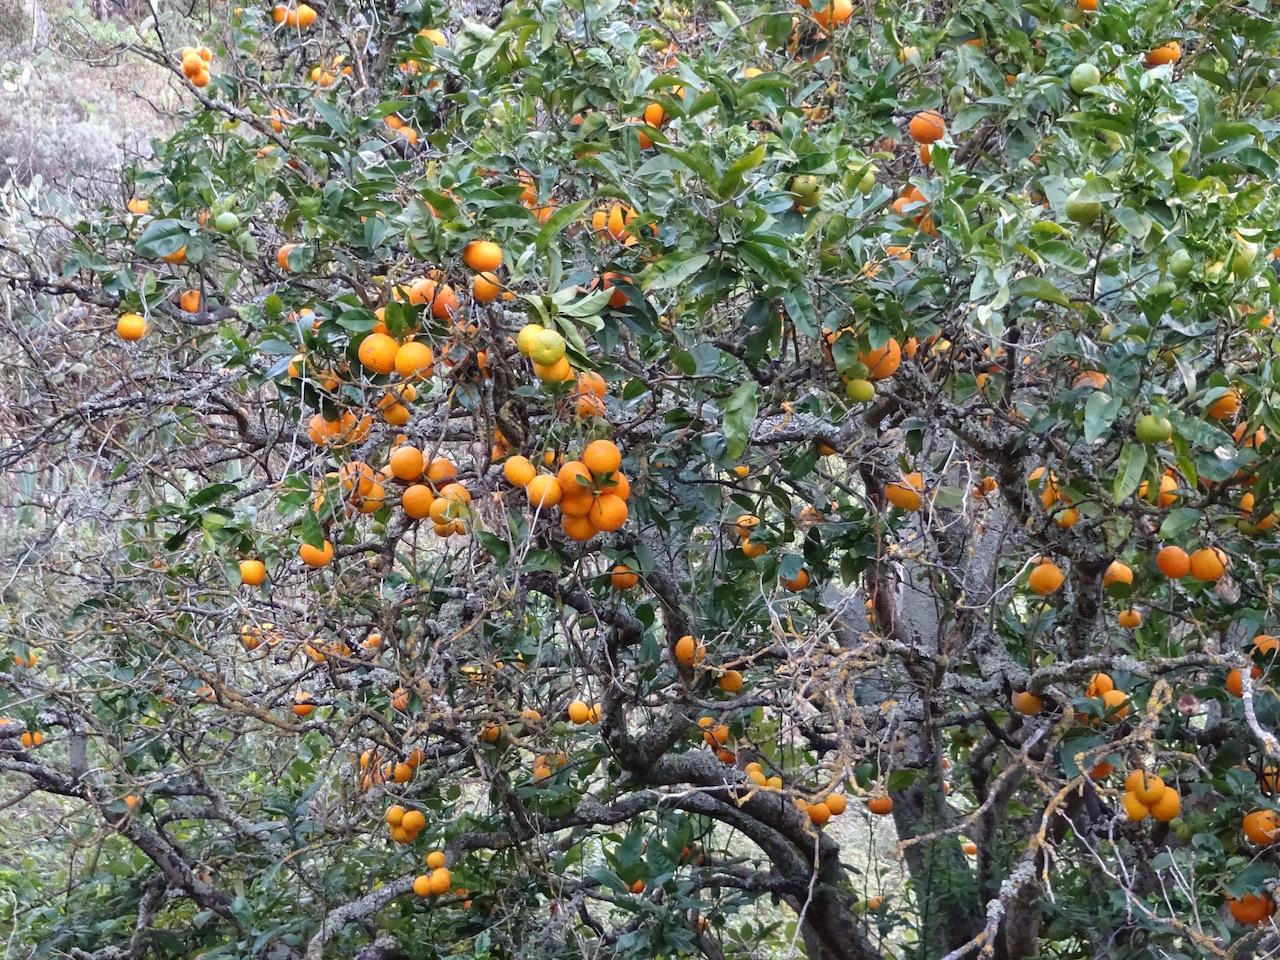 die Mandarinen waren zu weit entfernt